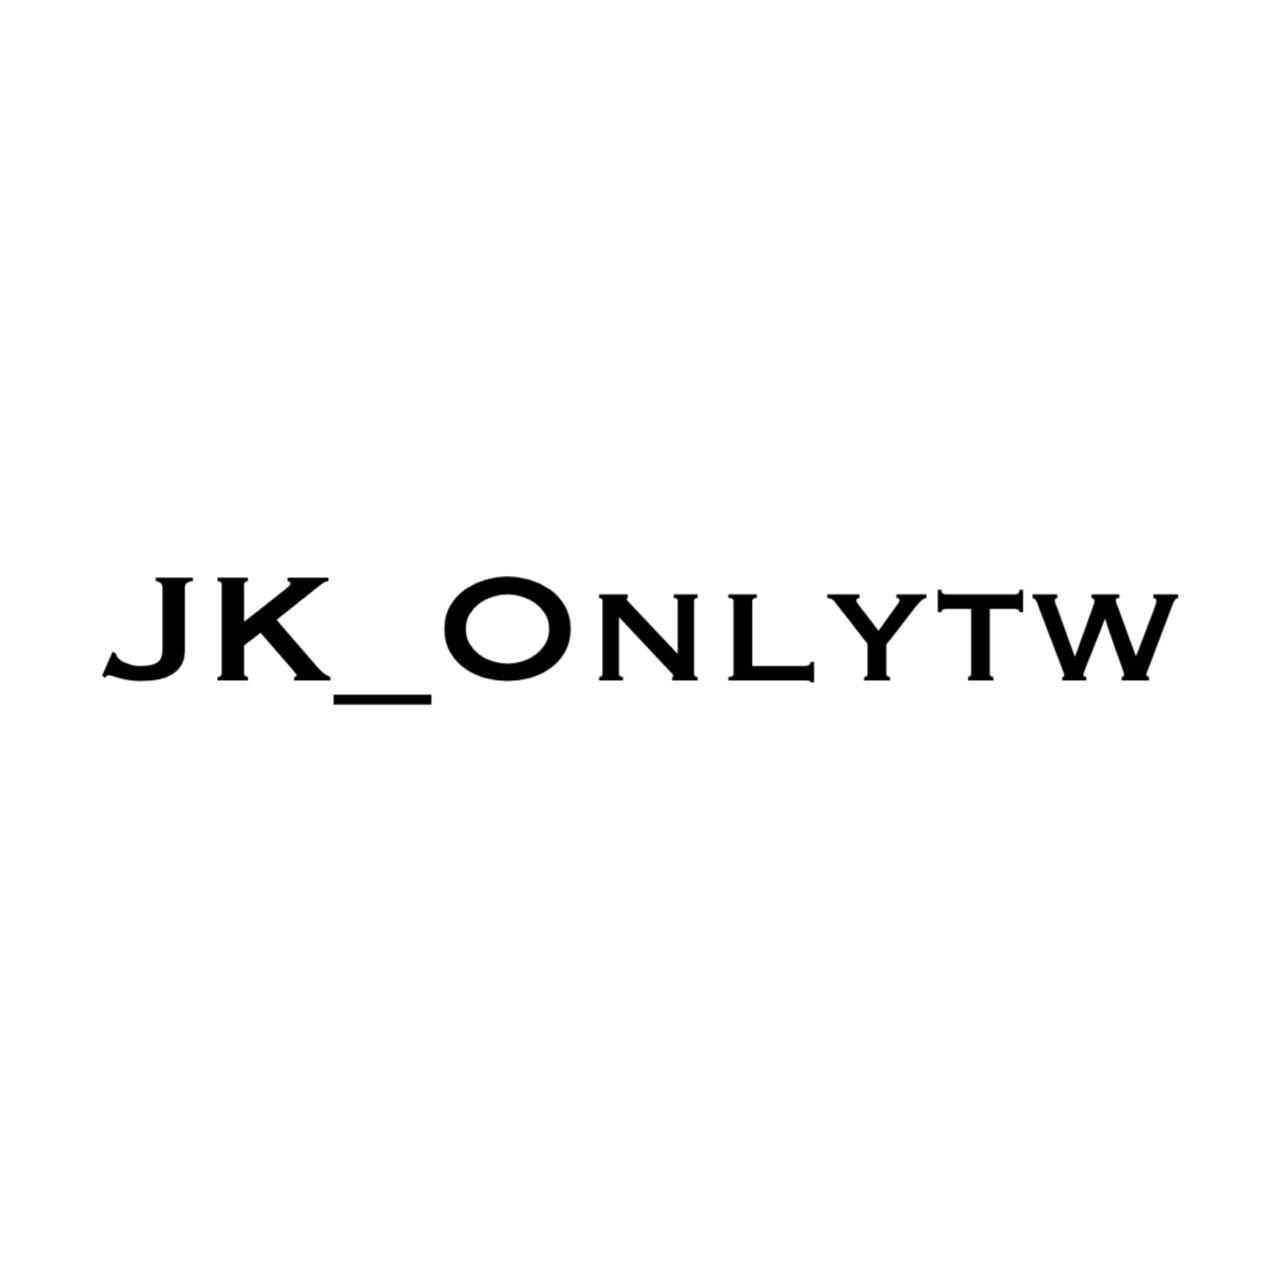 jk_onlytw